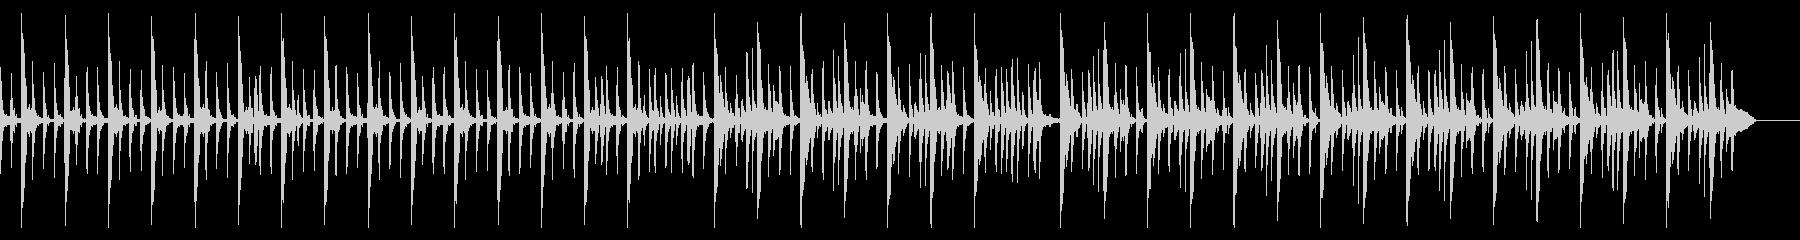 キックなし、167 BPMの未再生の波形